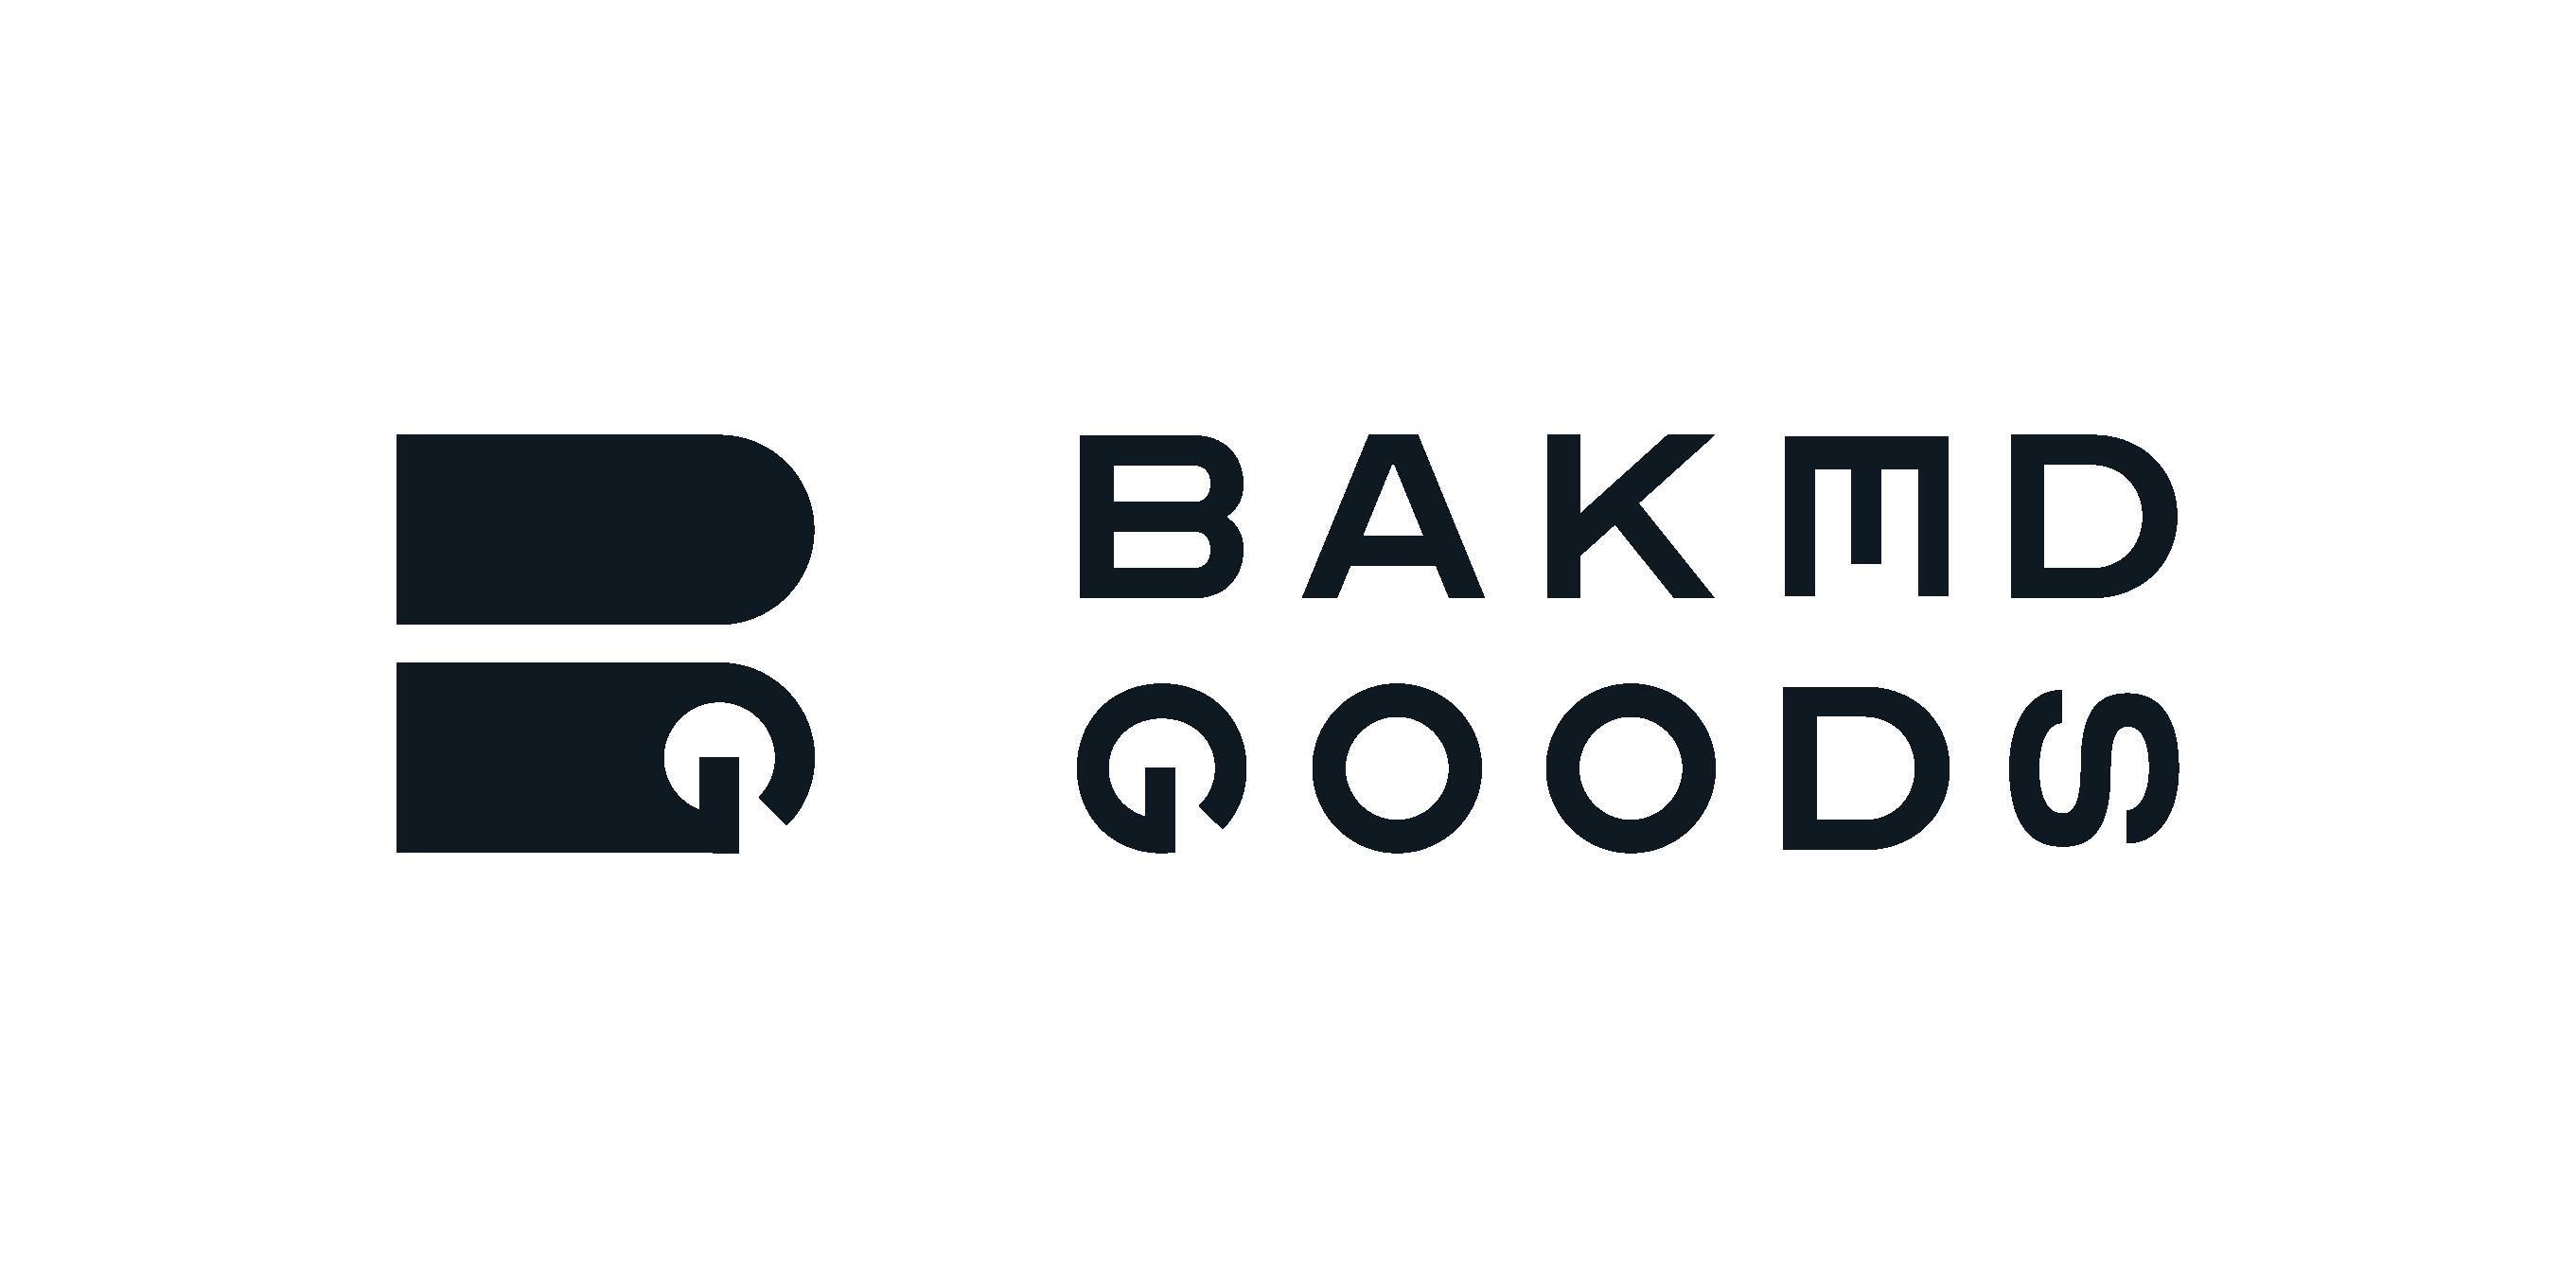 Baked Goods Design - Logo